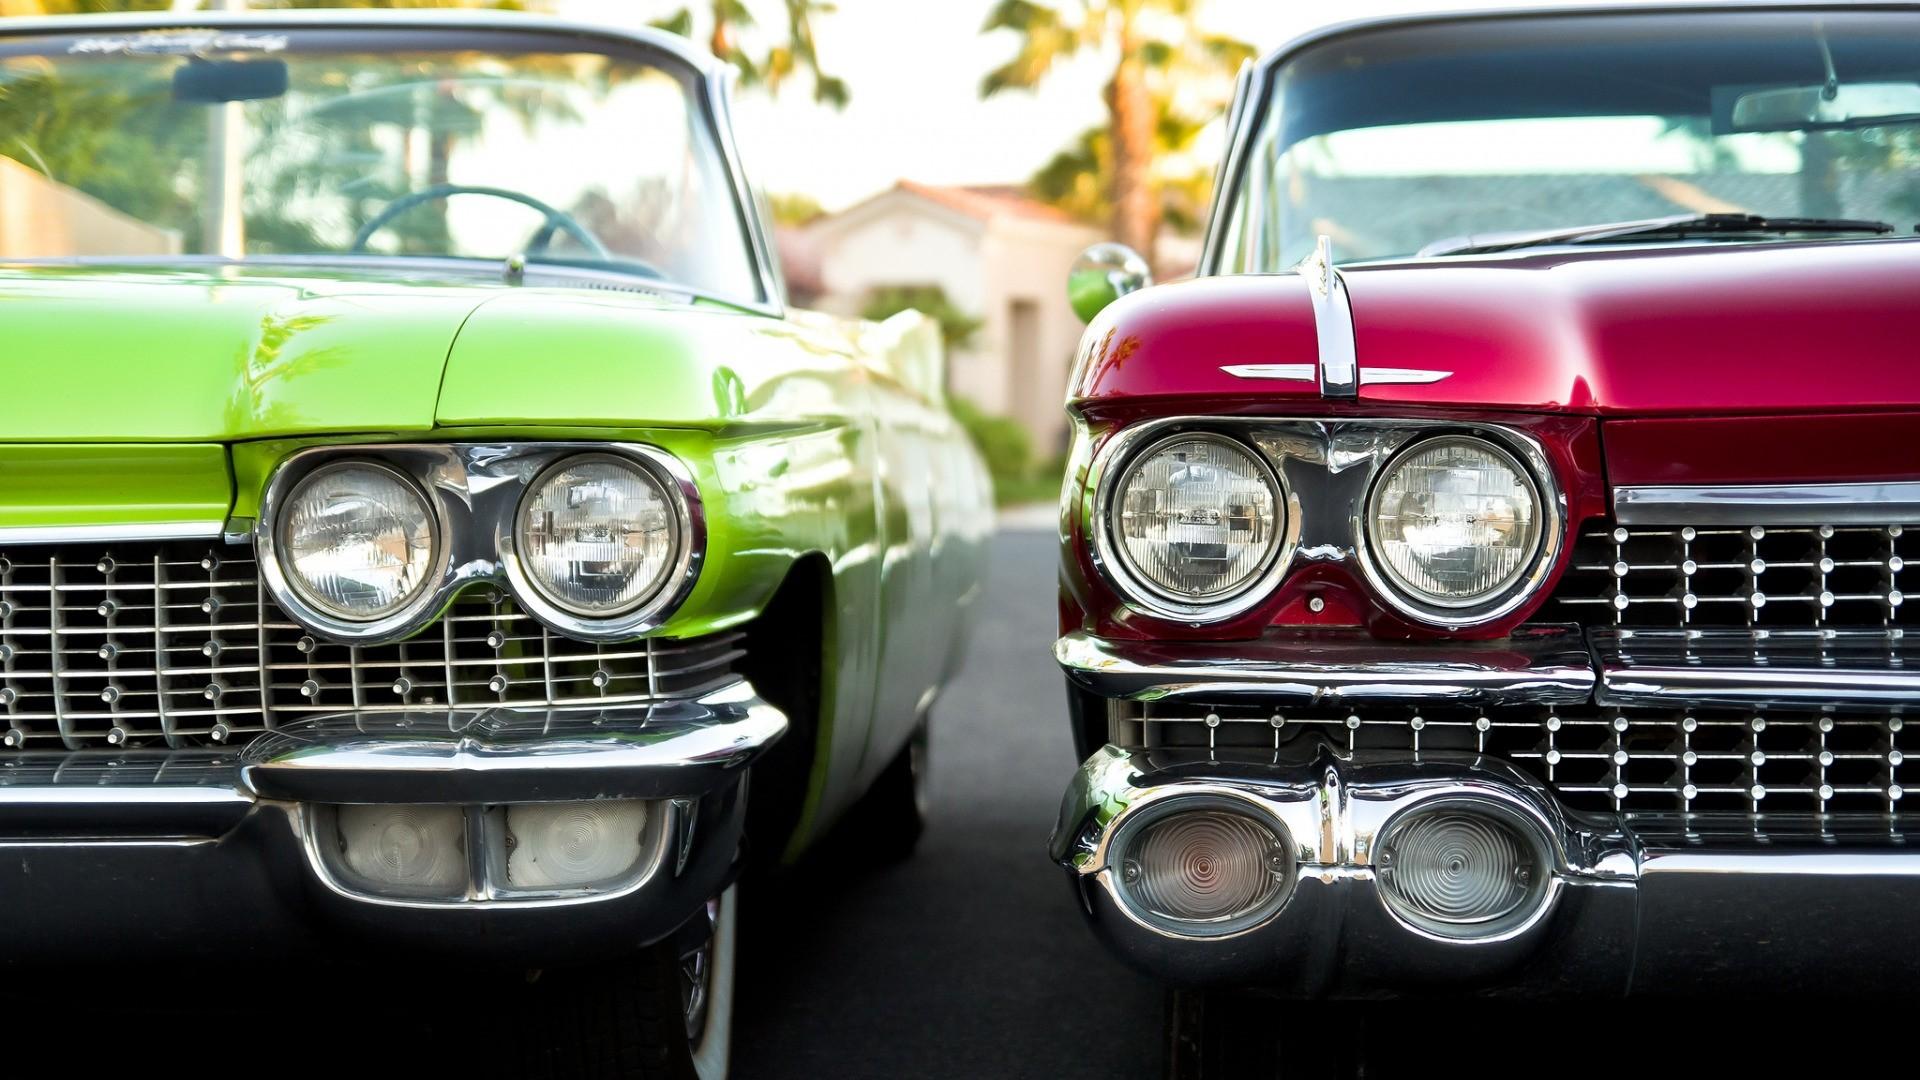 Classic Car hd desktop wallpaper